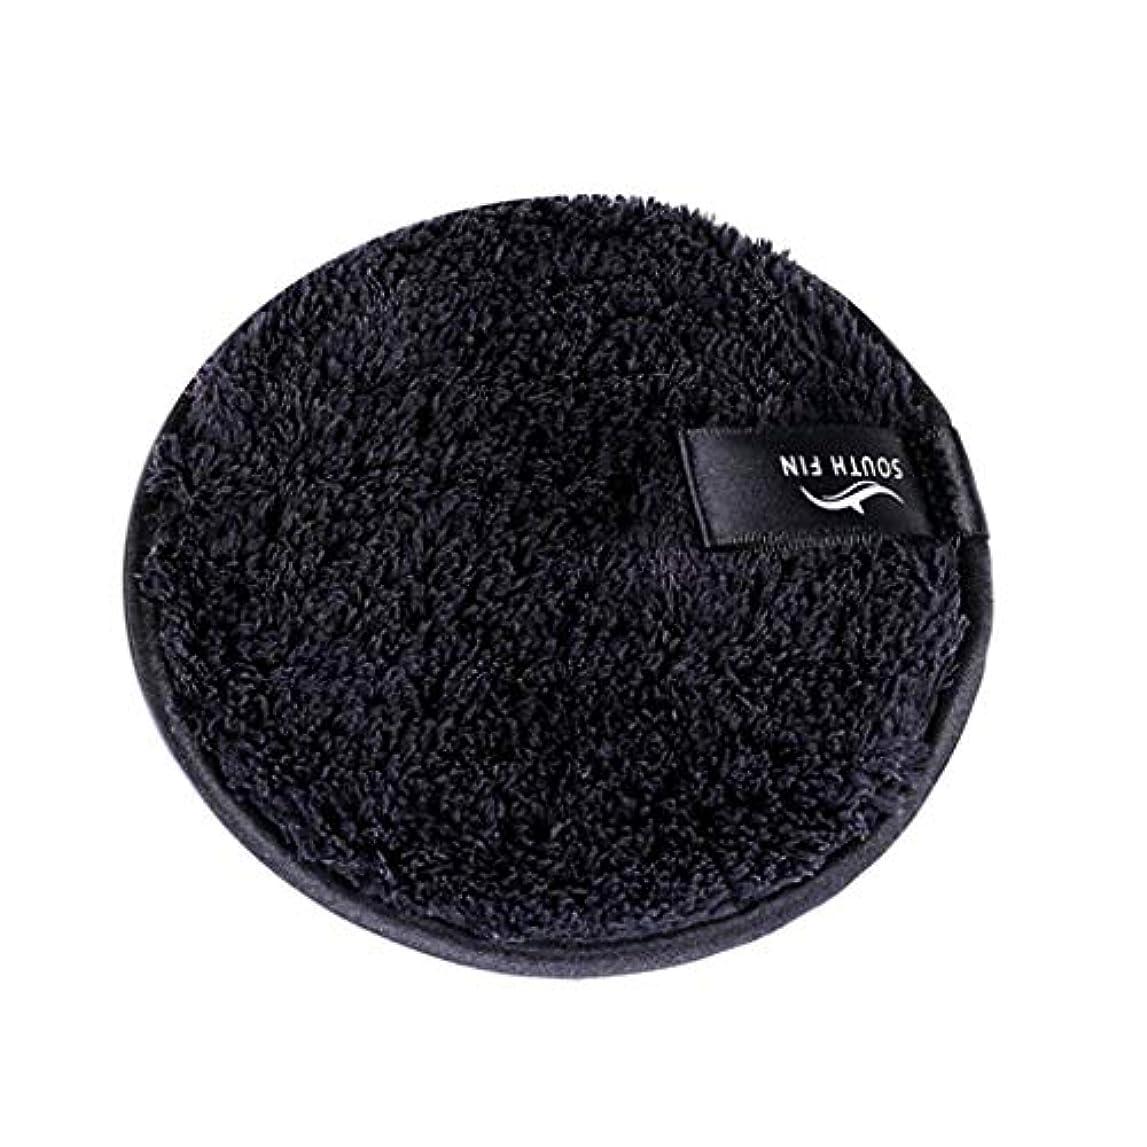 以上残り物口dailymall 全3色 メイクリムーバーパッド 化粧品 フェイシャル クレンジング パフ スポンジ - ブラック